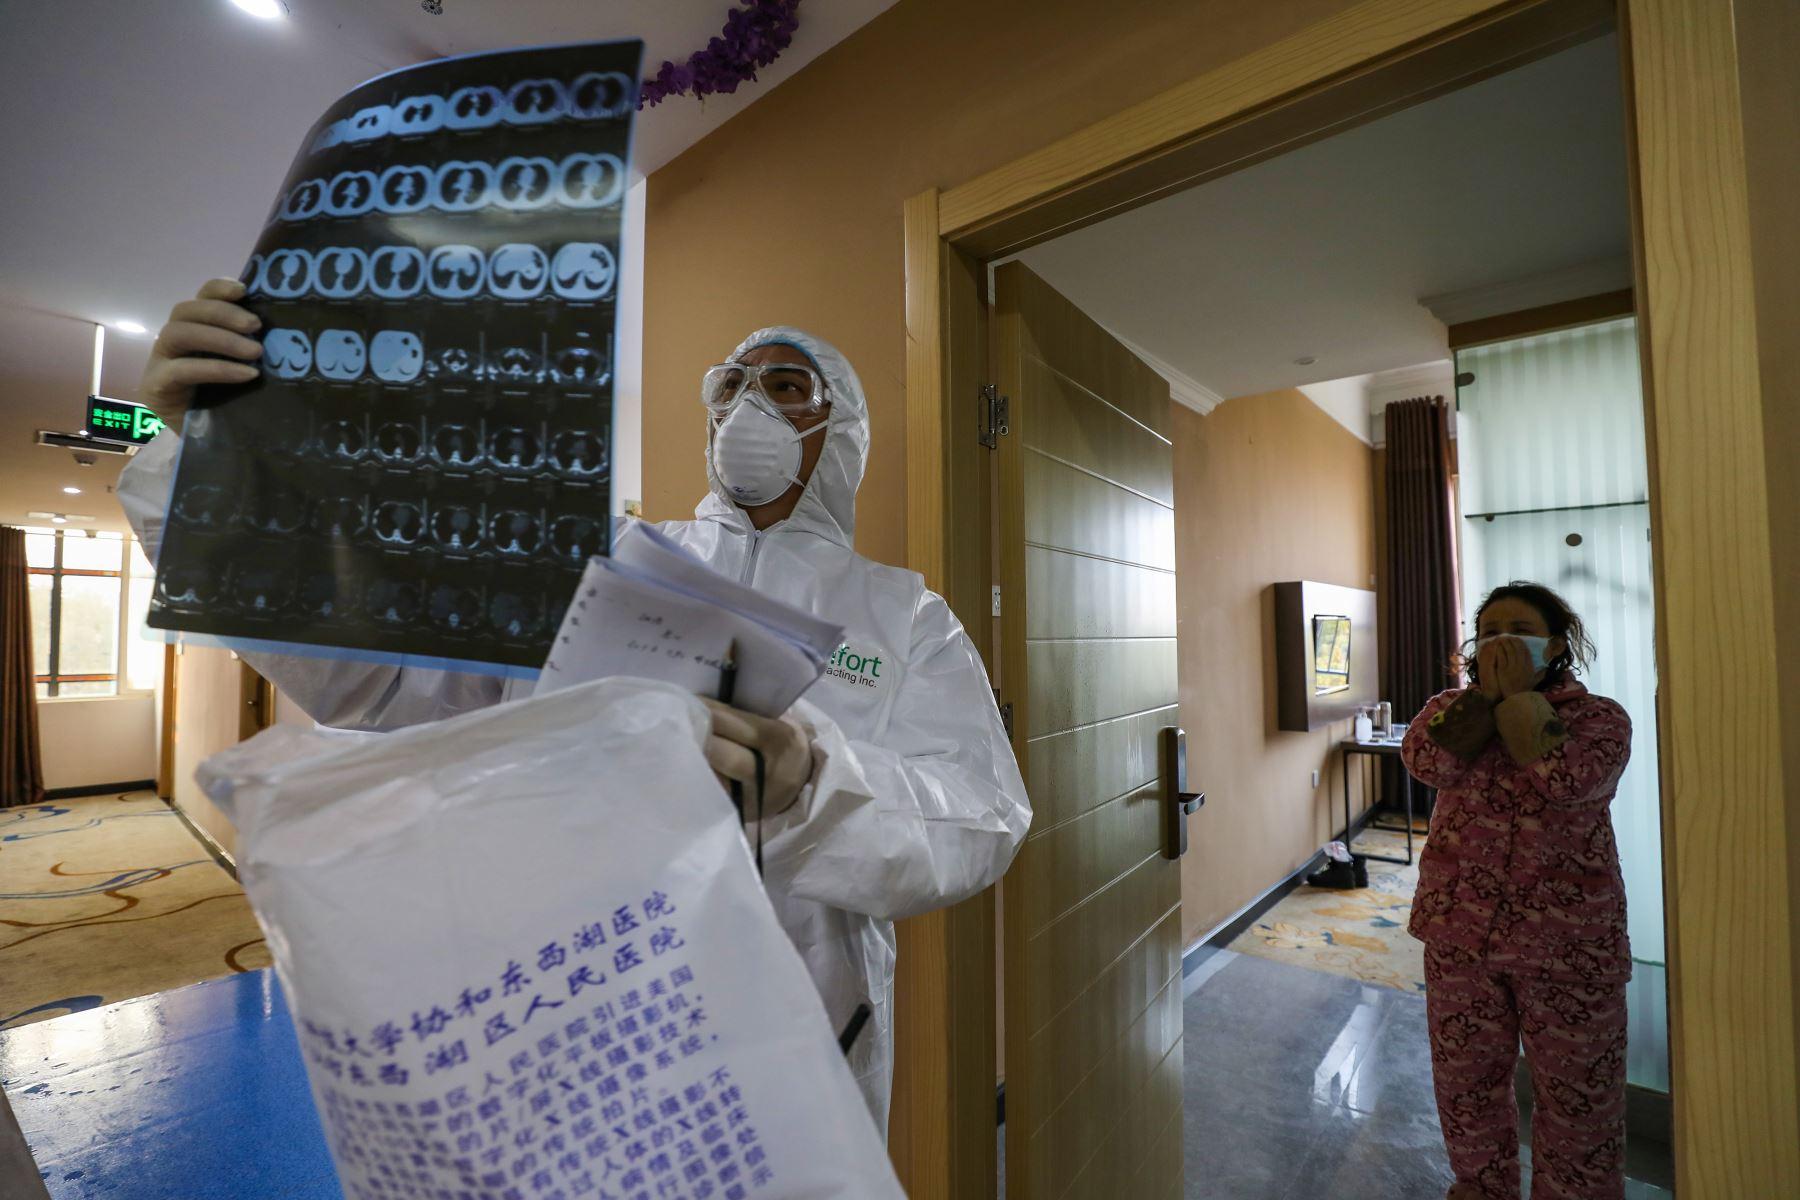 Infectados con coronavirus con síntomas leves o asintomáticos pueden causar más contagios que los pacientes tratados. Aislamiento social es la clave para frenar este tipo de contagios. Foto: AFP.